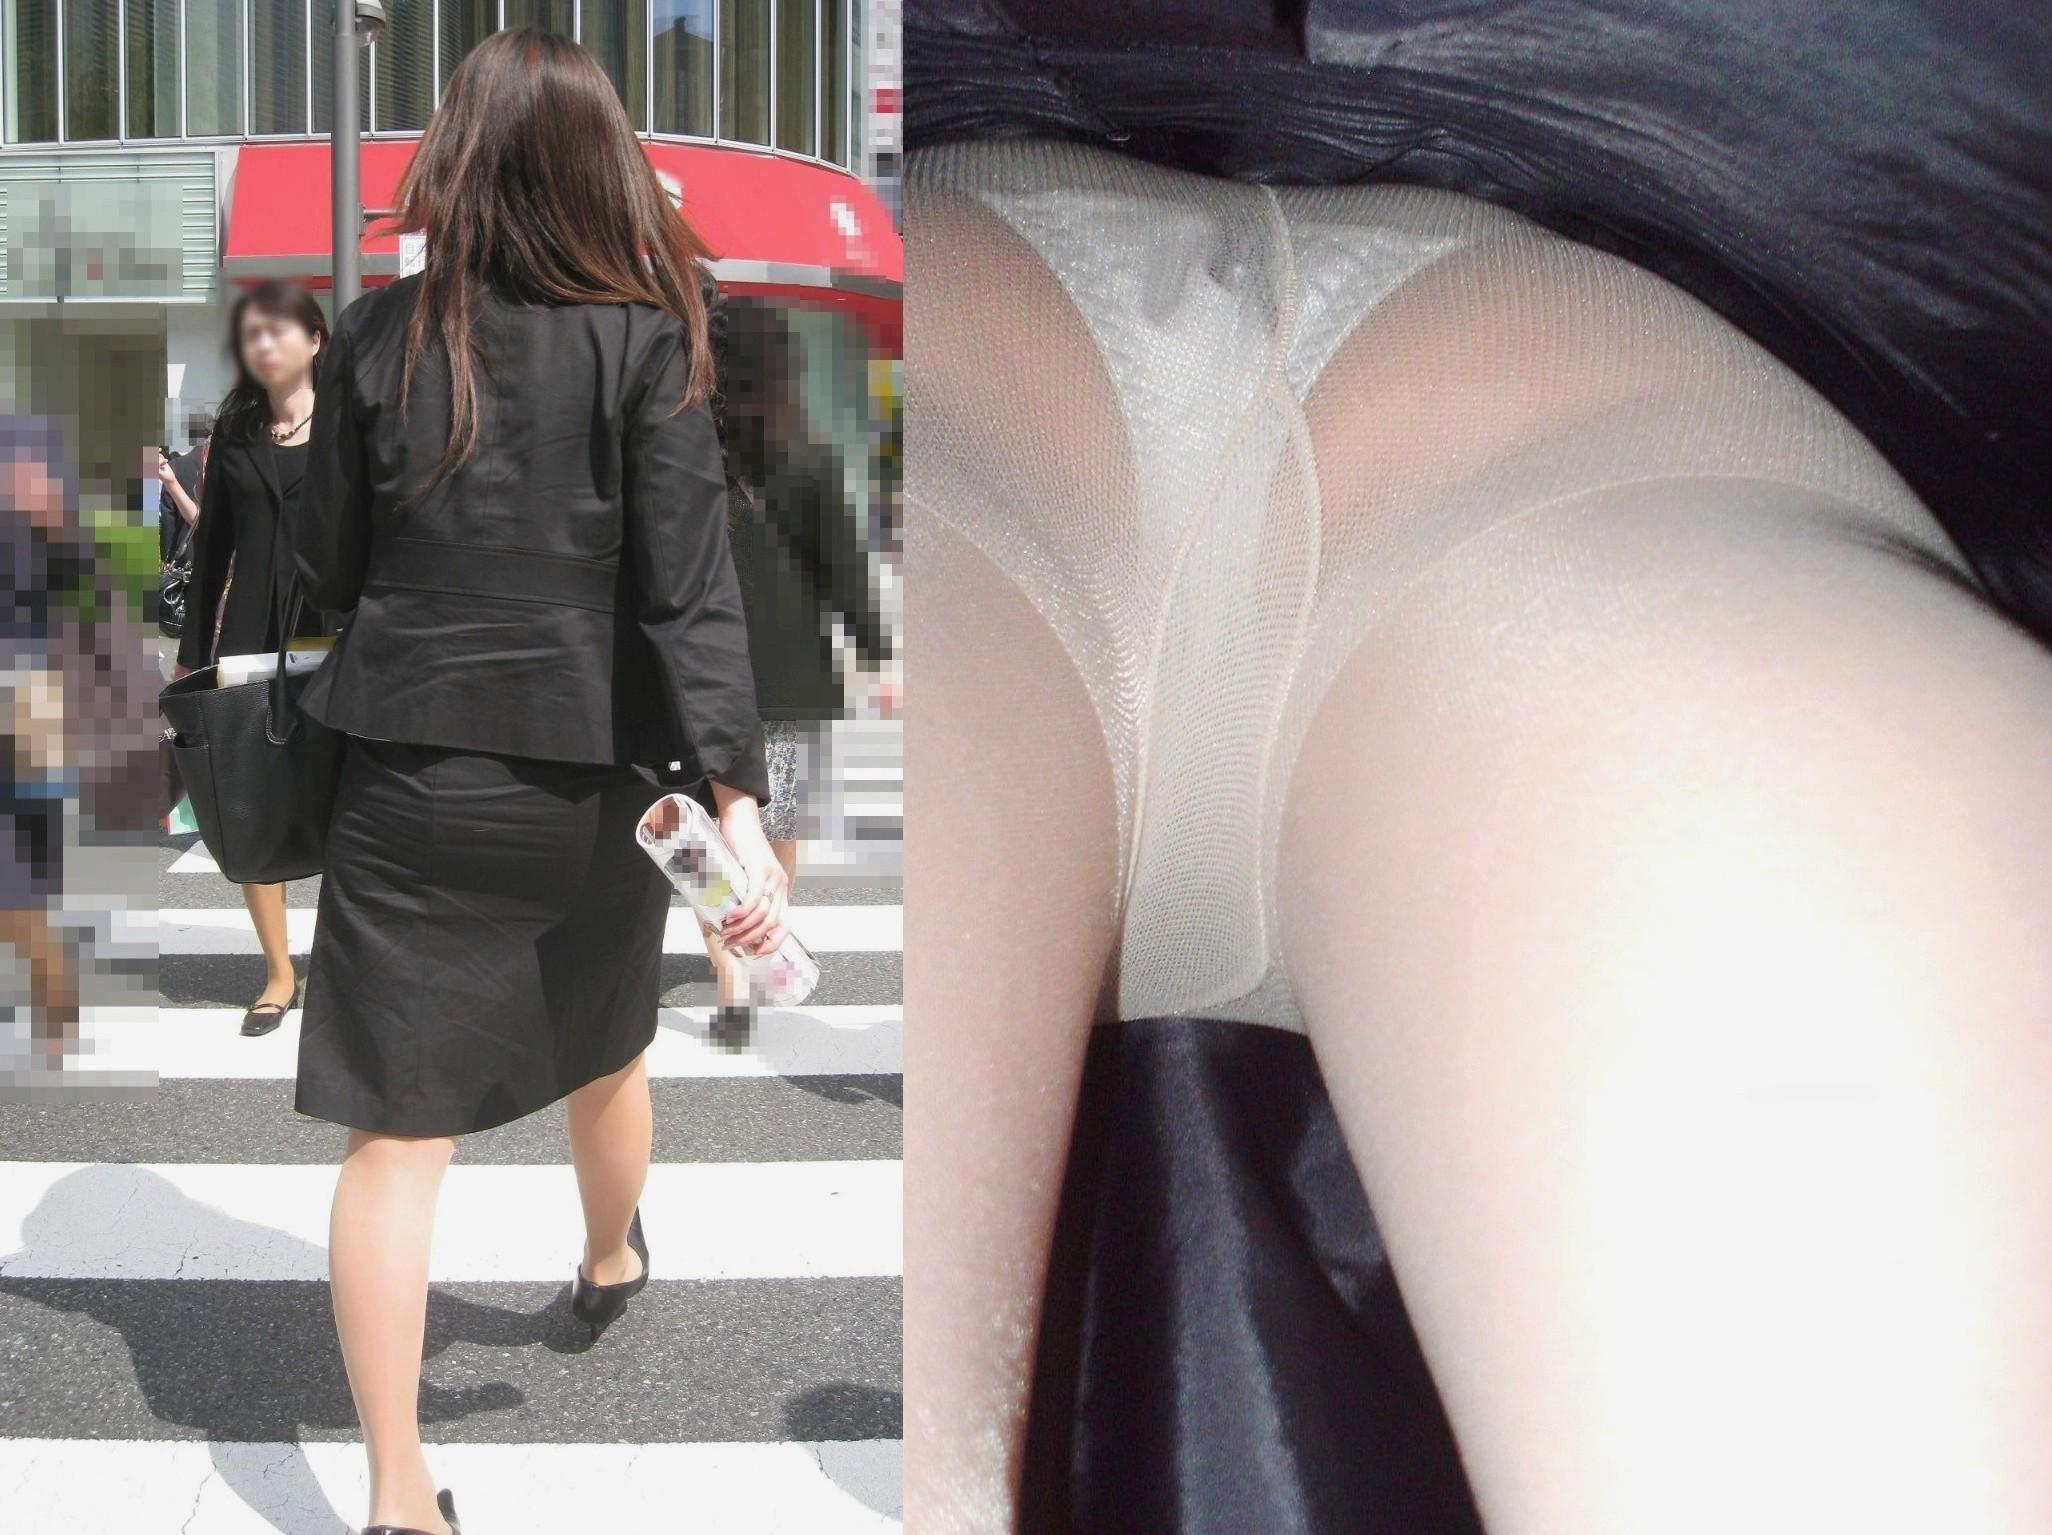 素人OLお姉さんのスカートの中身を逆さ撮りしたエロ画像15枚目